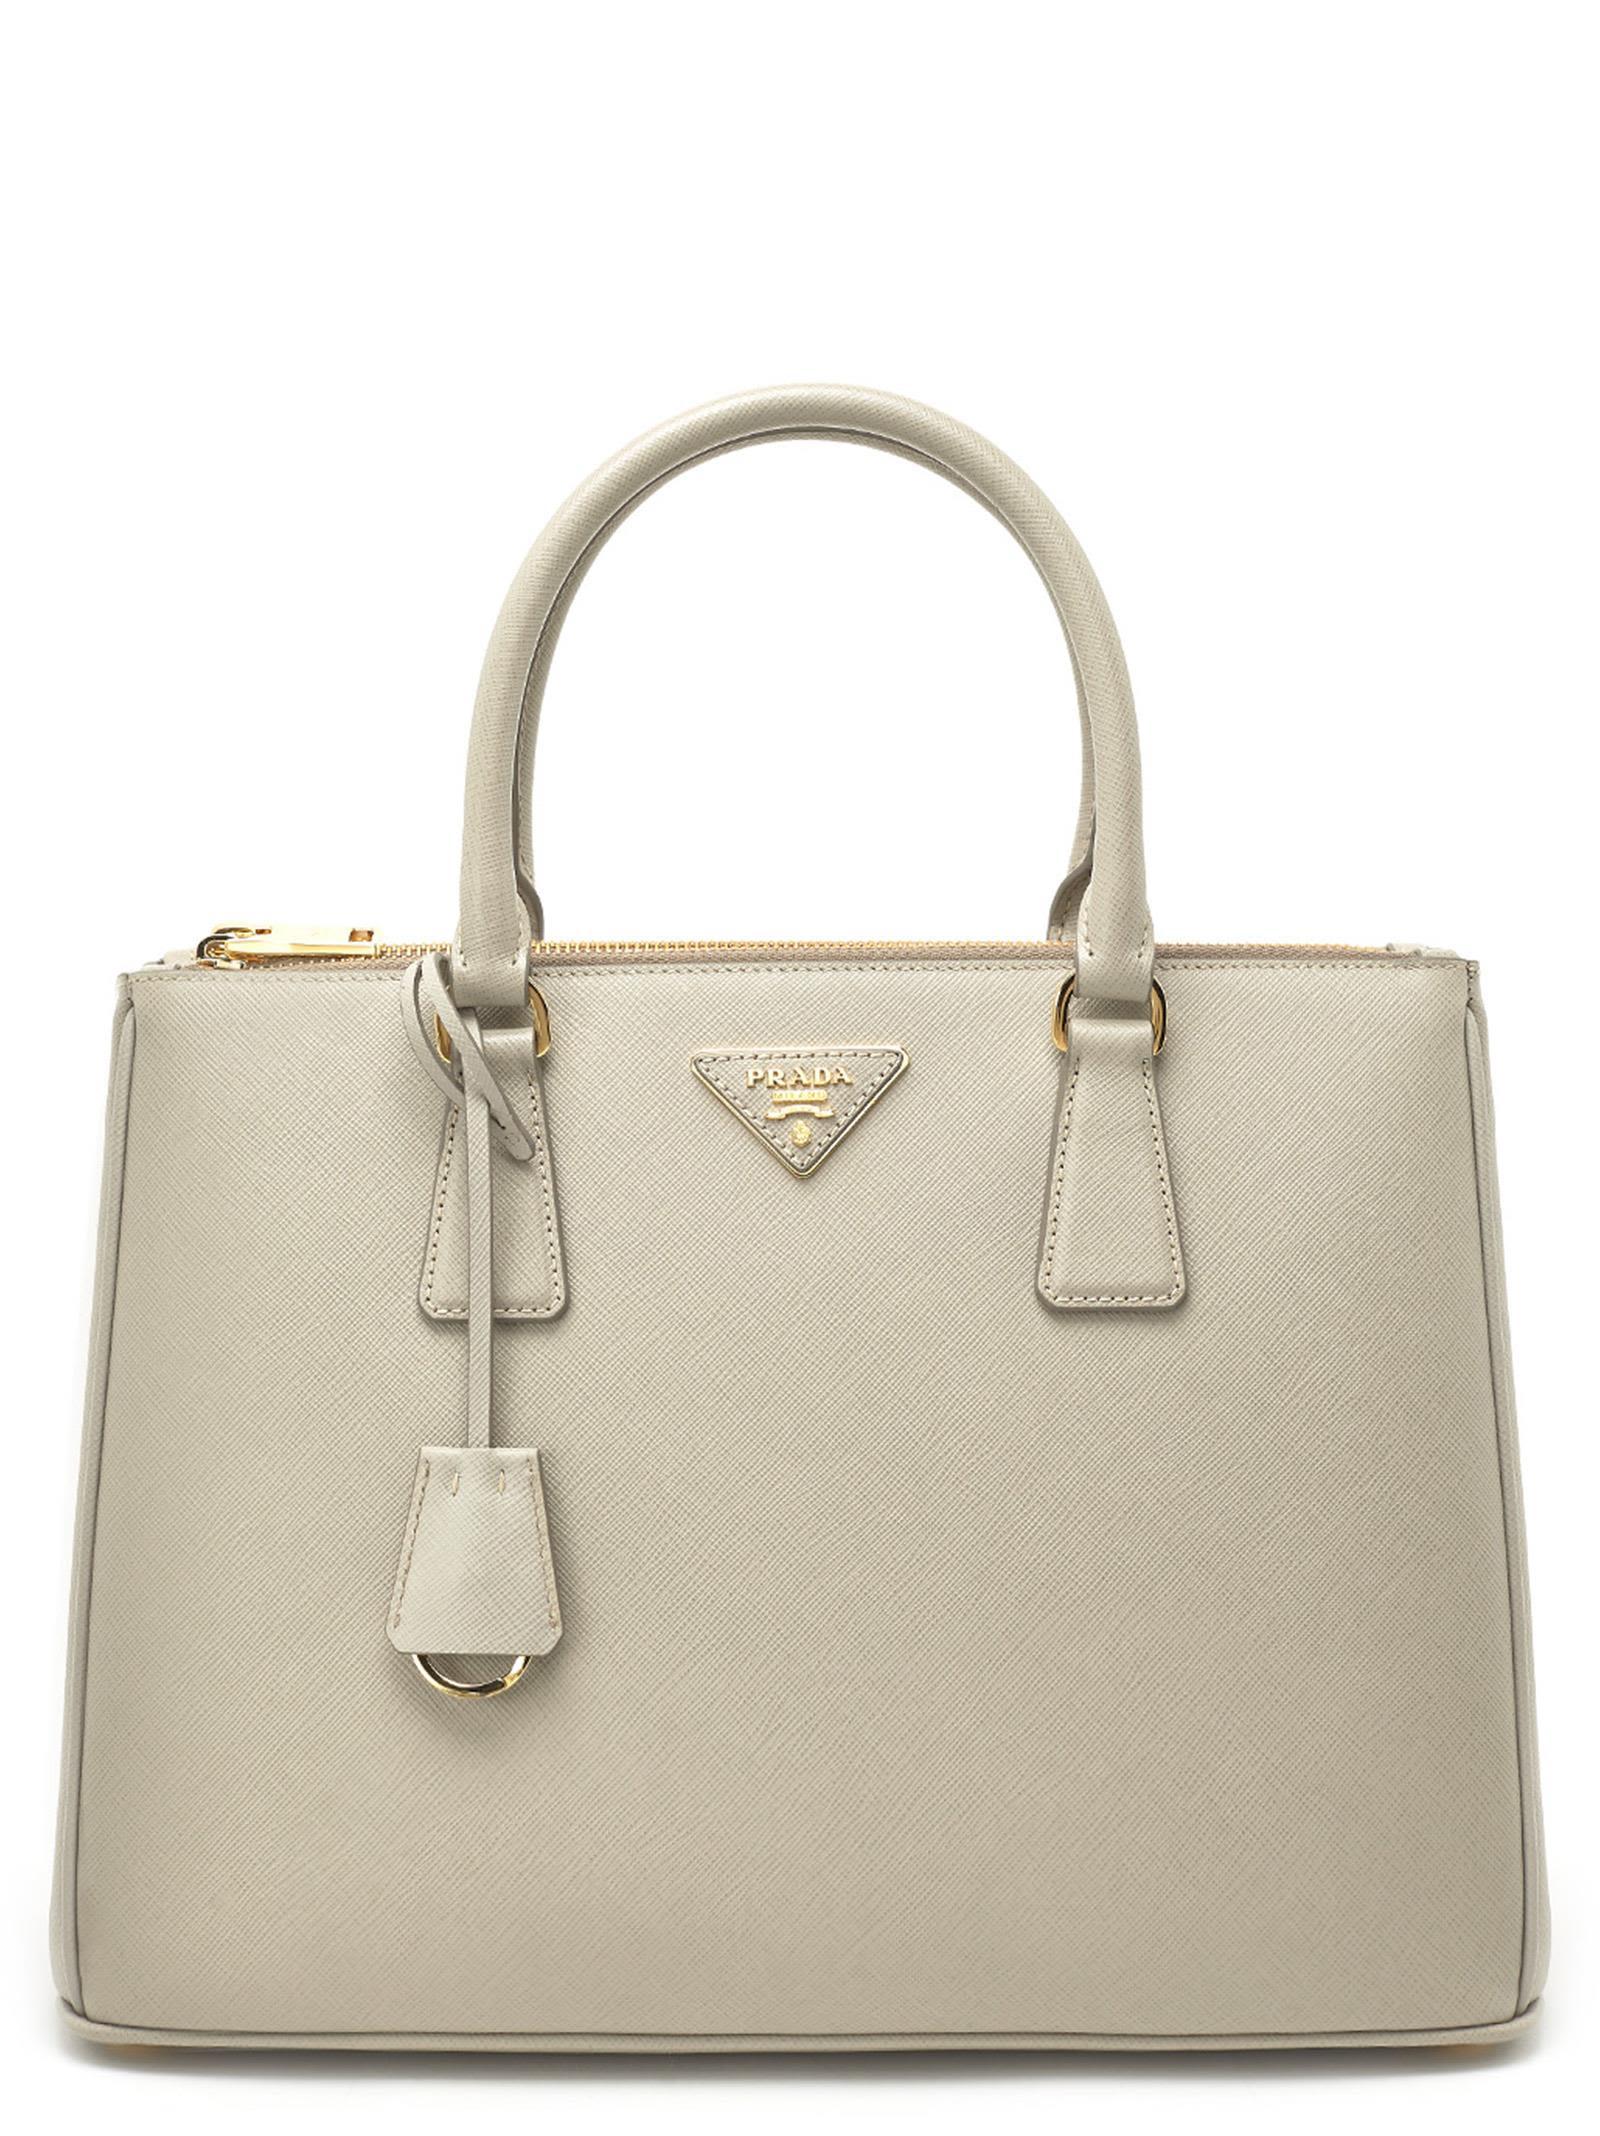 e225490d82c5 coupon code for prada galleria bag grey 7ca10 add78